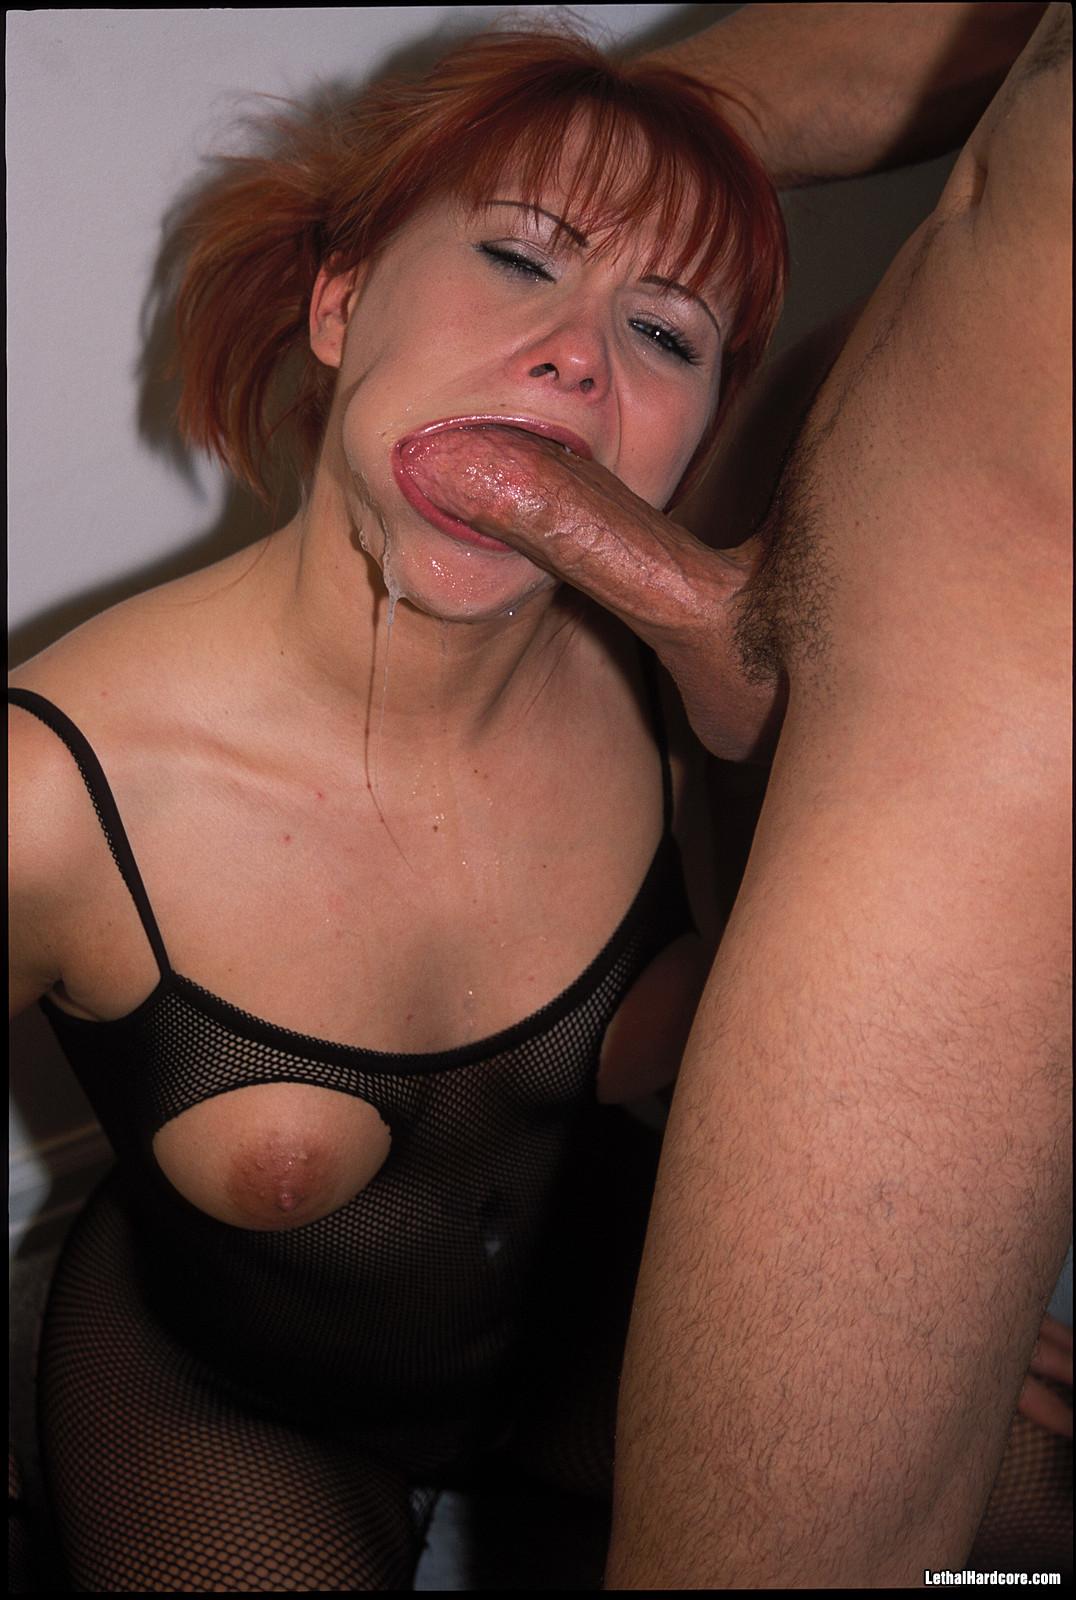 Горячая, рыжеволосая сучка в сексуальном белье обожает трахаться